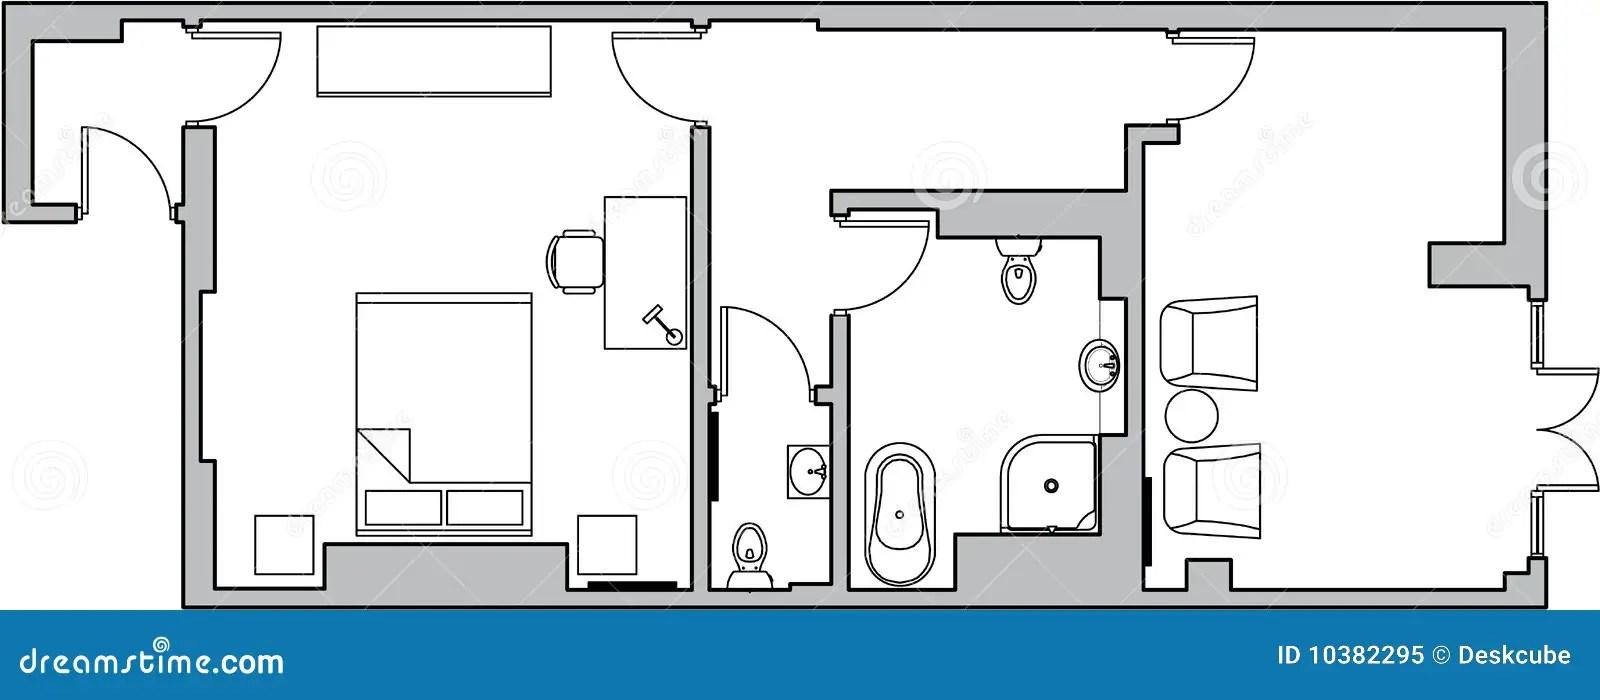 Floor Plan Symbols Stock Illustrations 570 Floor Plan Symbols Stock Illustrations Vectors Clipart Dreamstime